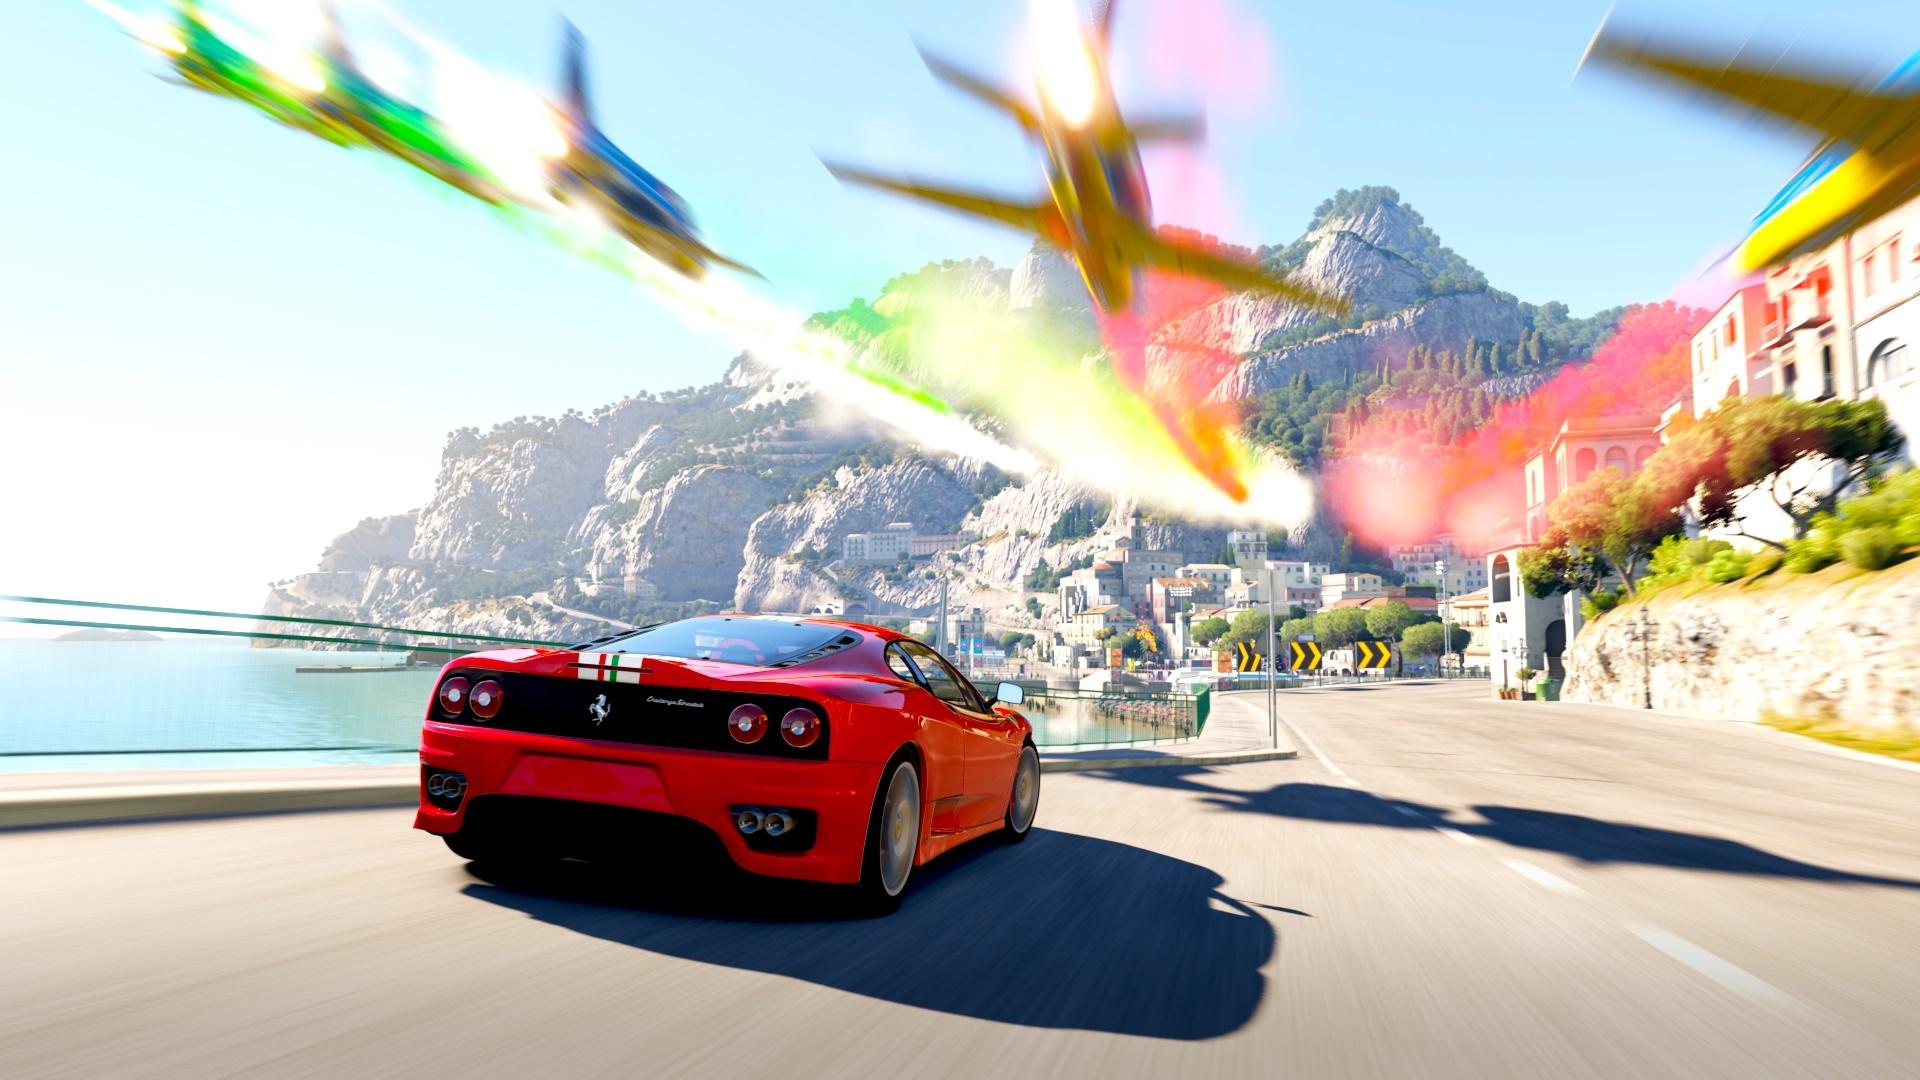 Forza Horizon игра авто скачать